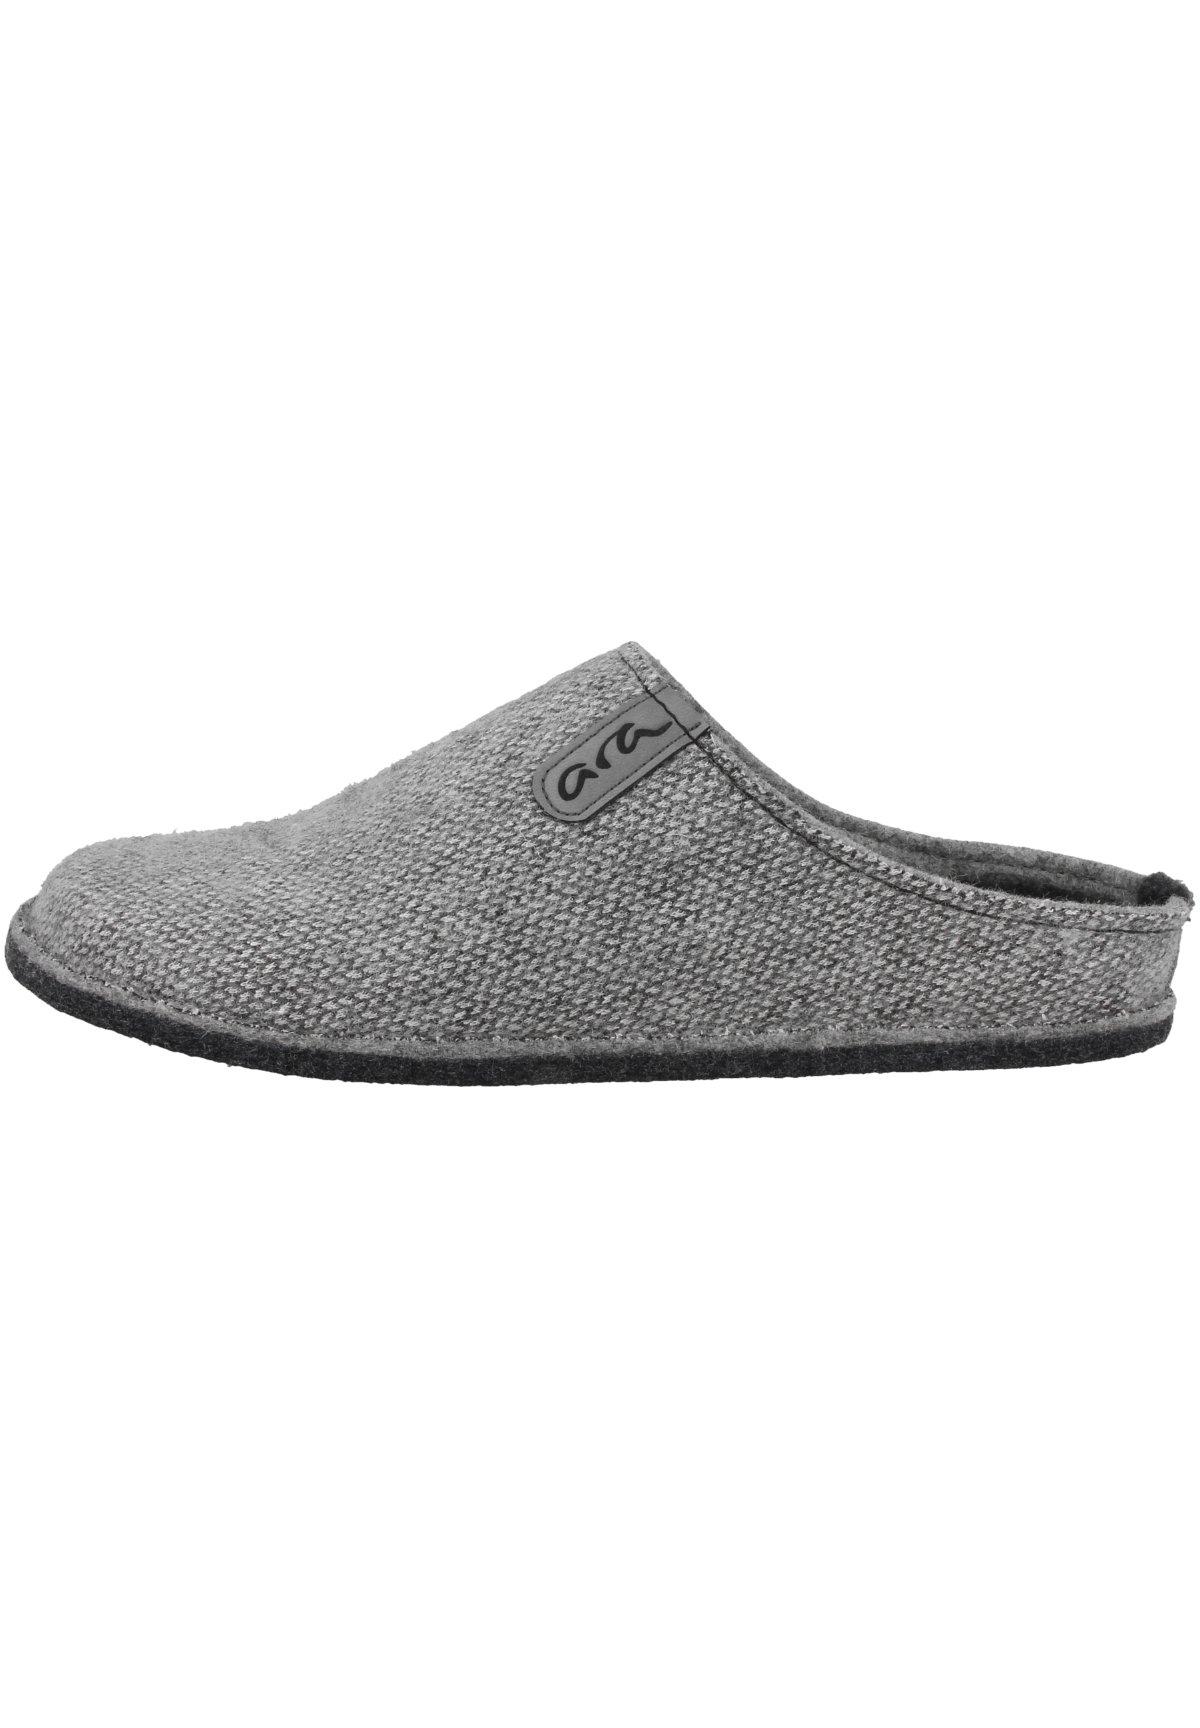 Herren Hausschuh - grey